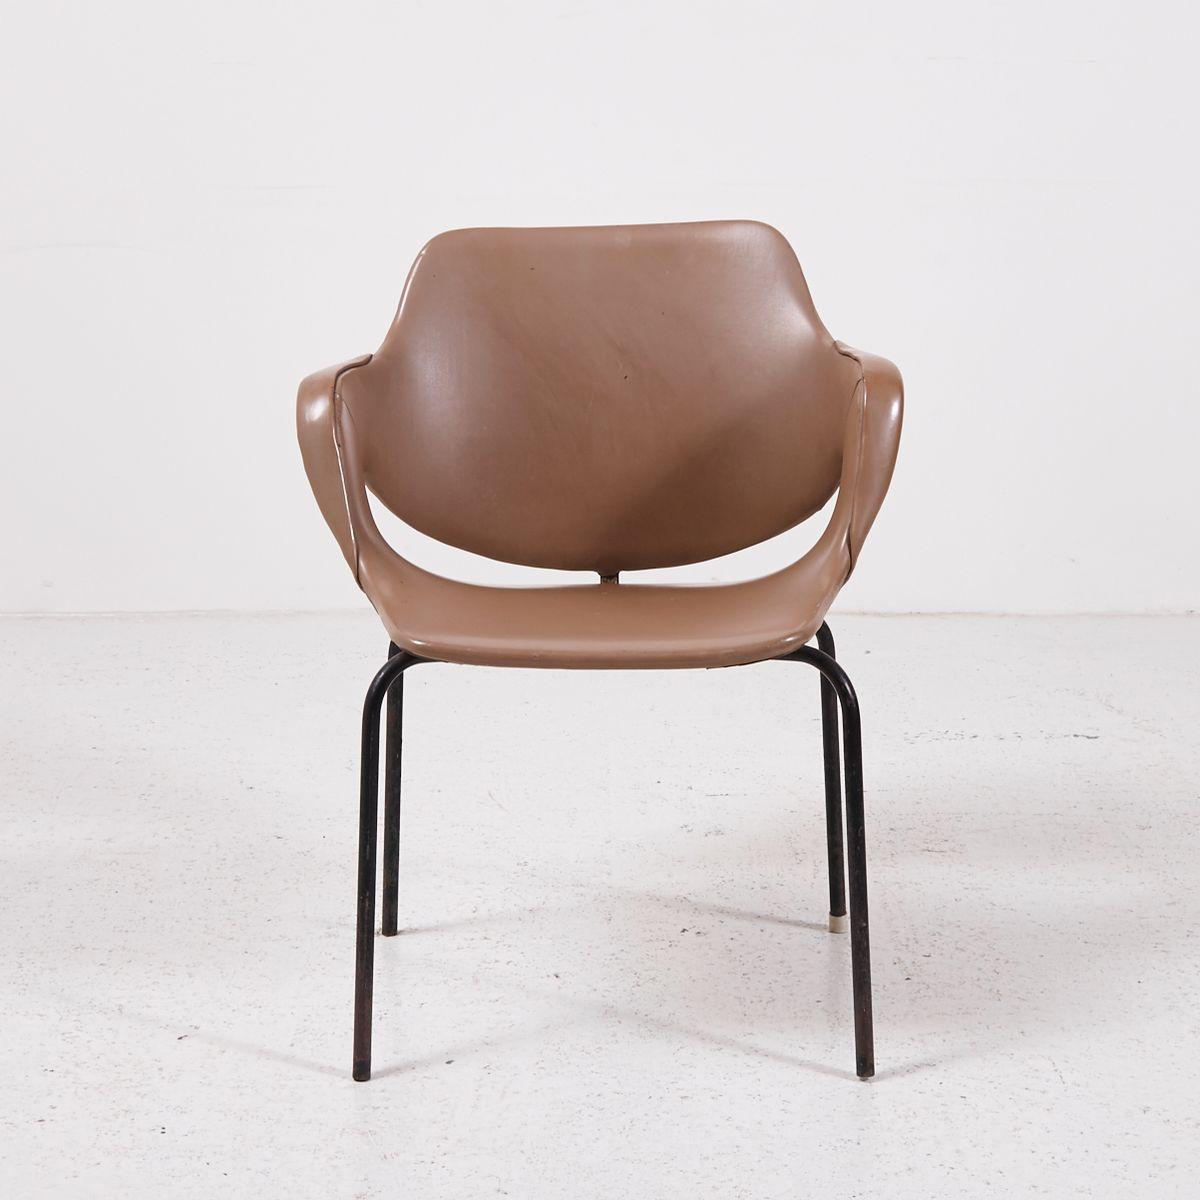 Vintage Sessel aus Kunstleder